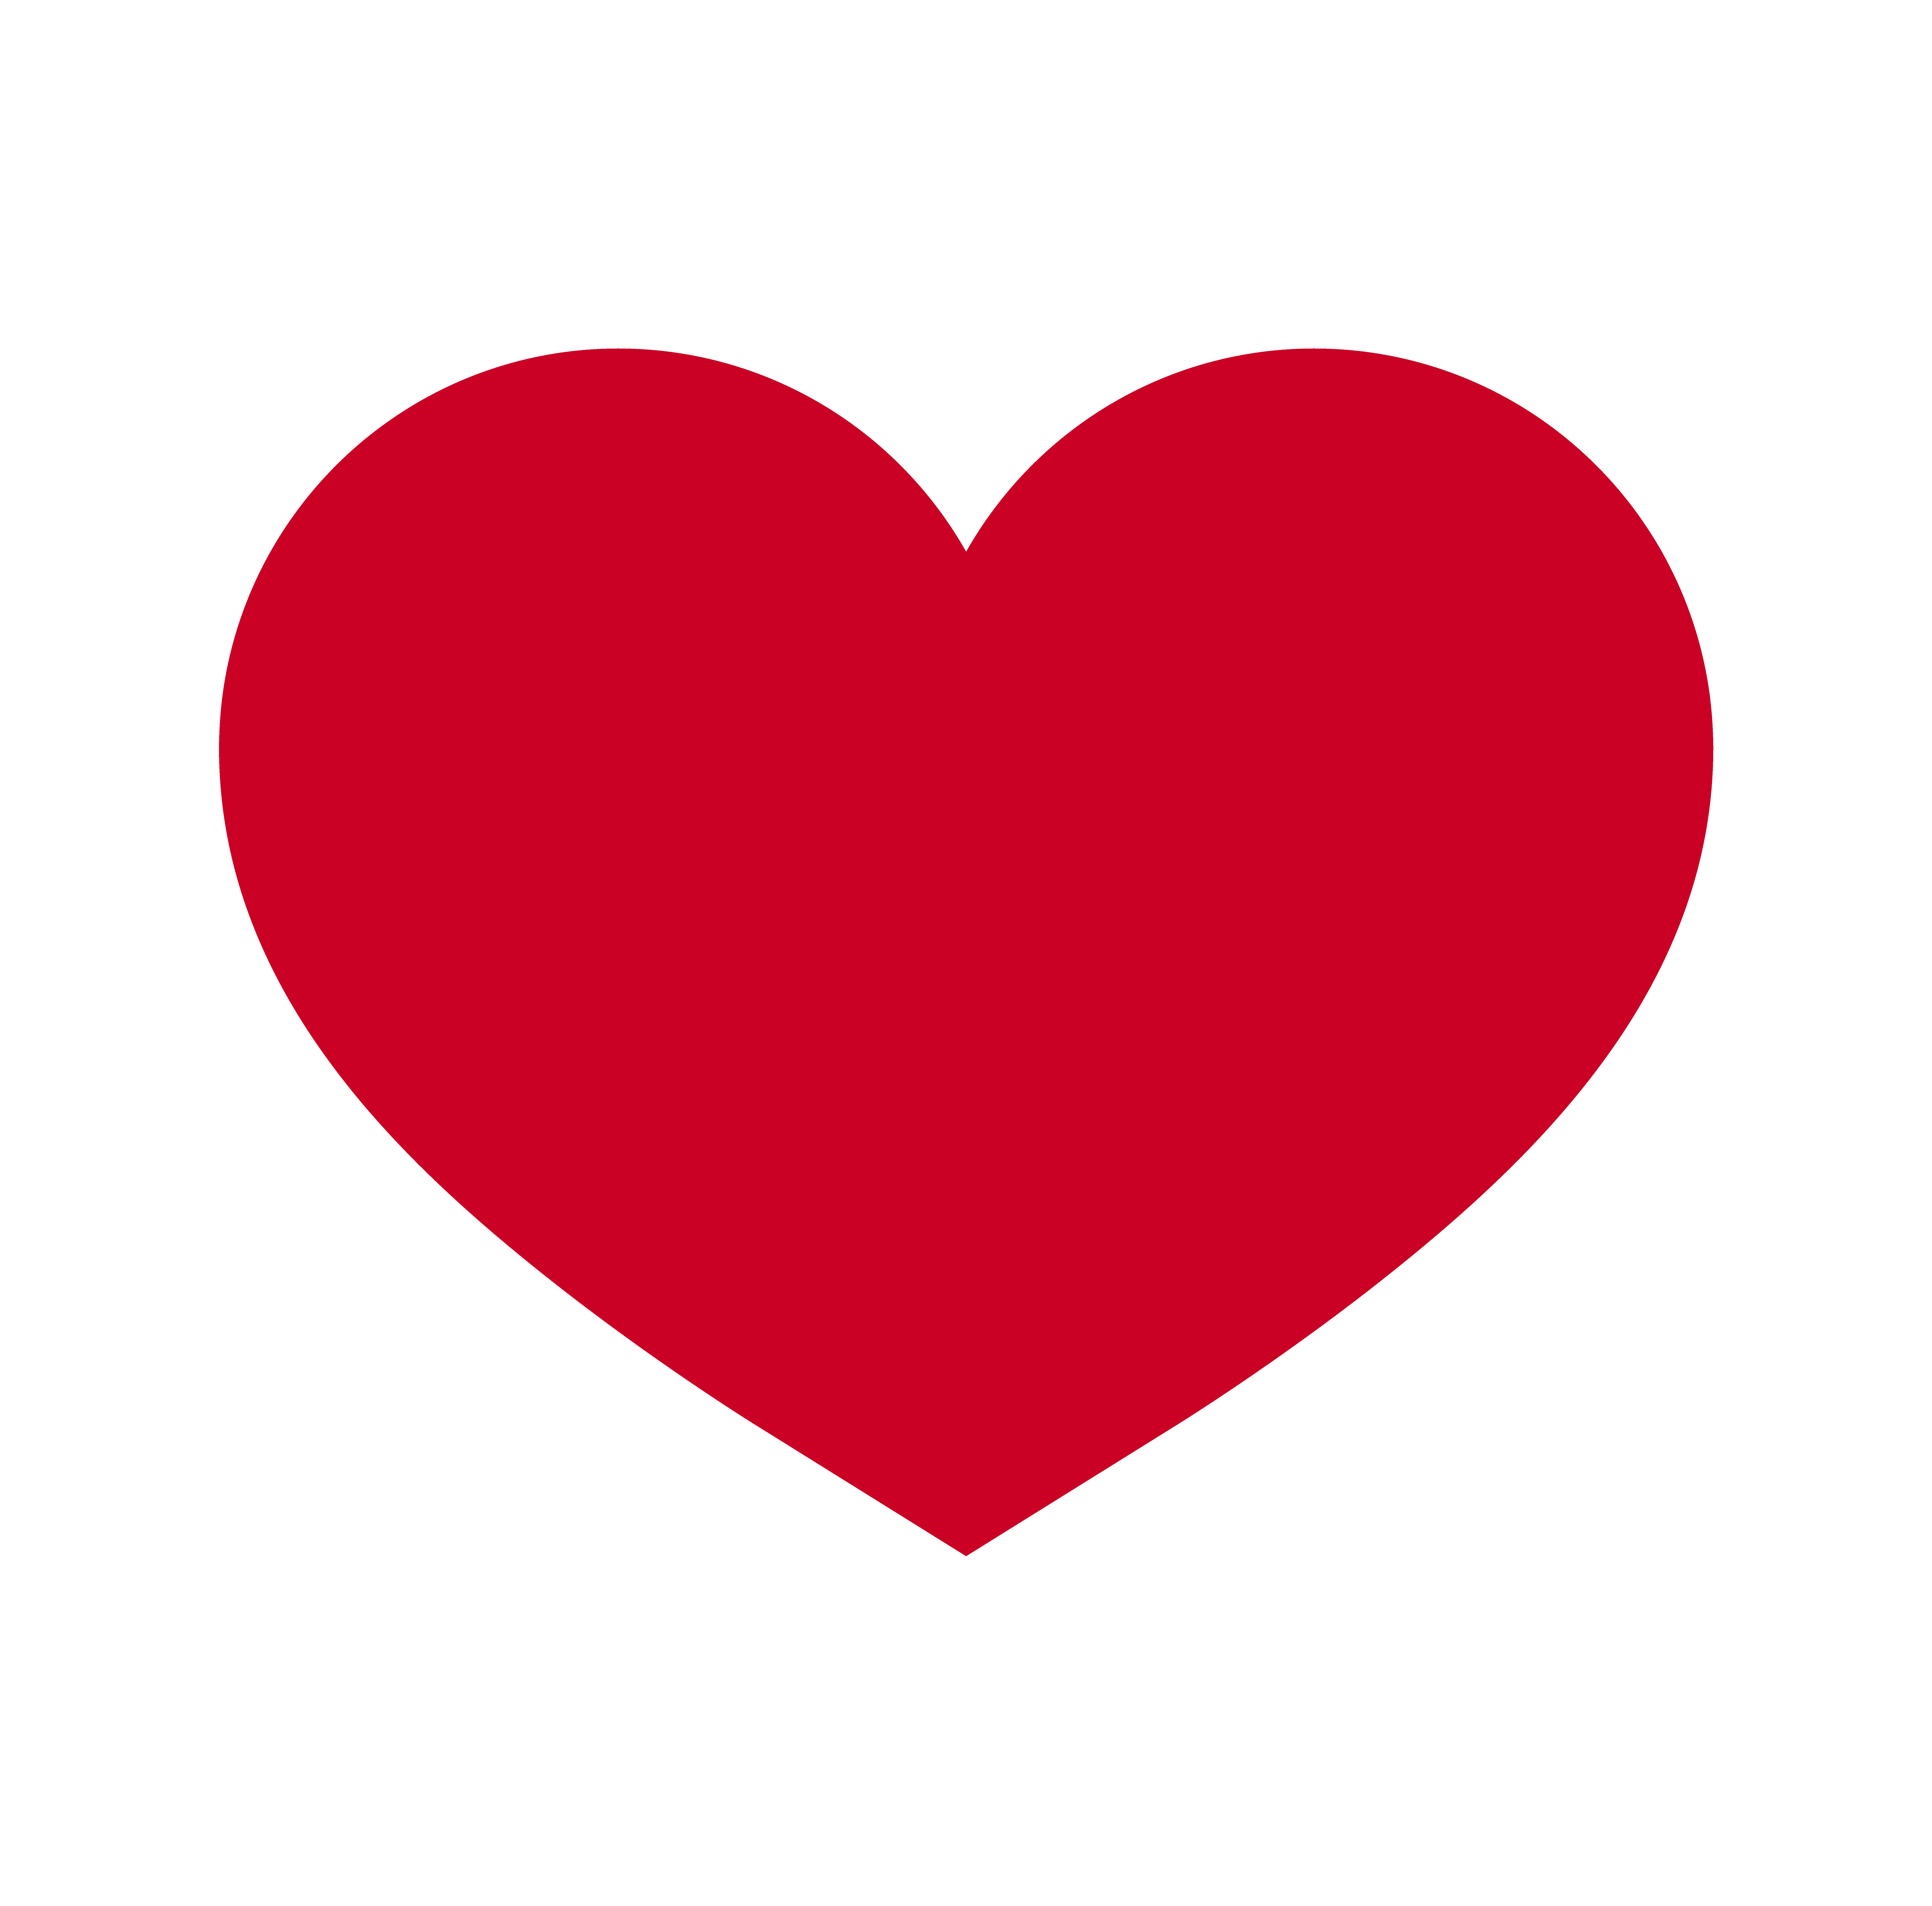 Herz, Symbol der Liebe und Valentinstag. Flache rote Ikone